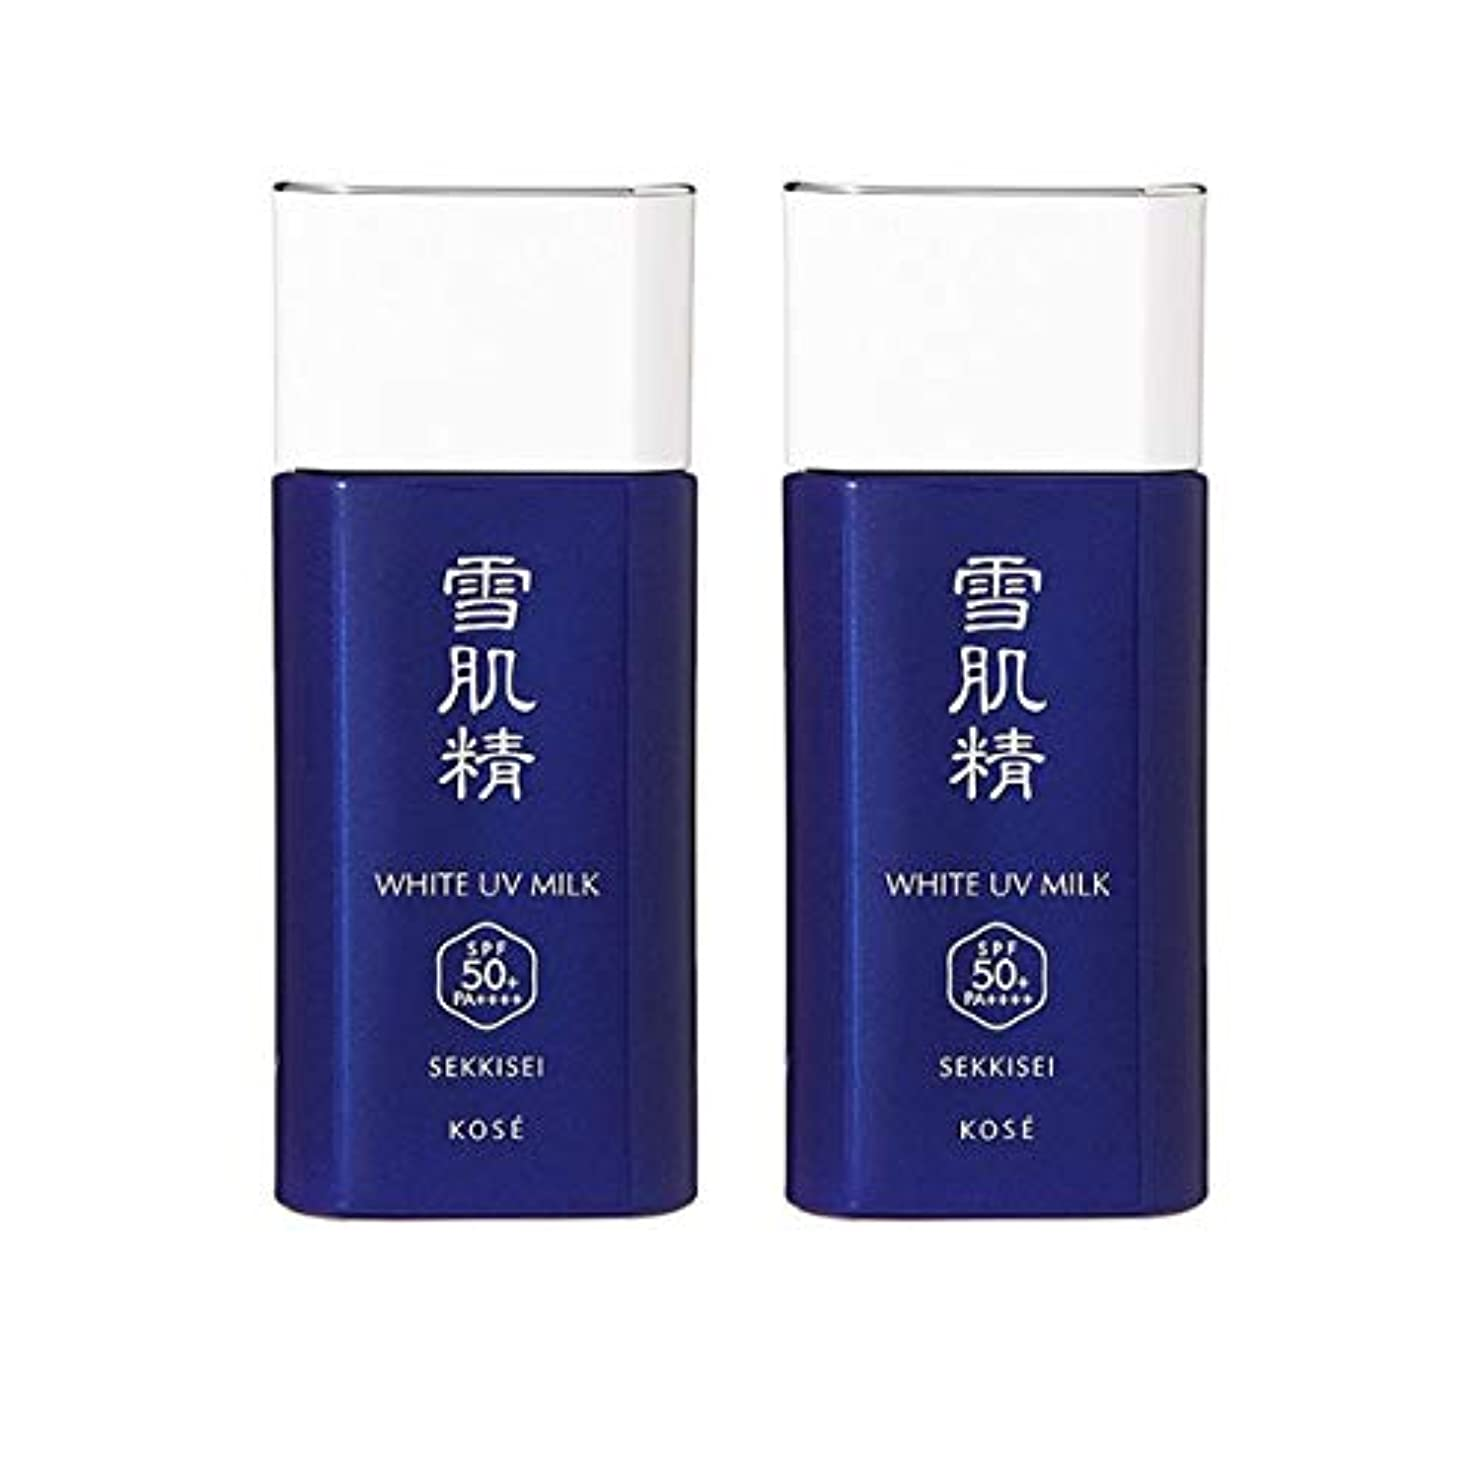 限りなく幻滅邪魔【セット】コーセー 雪肌精 ホワイト UV ミルク SPF50+/PA++++ 60g 2個セット